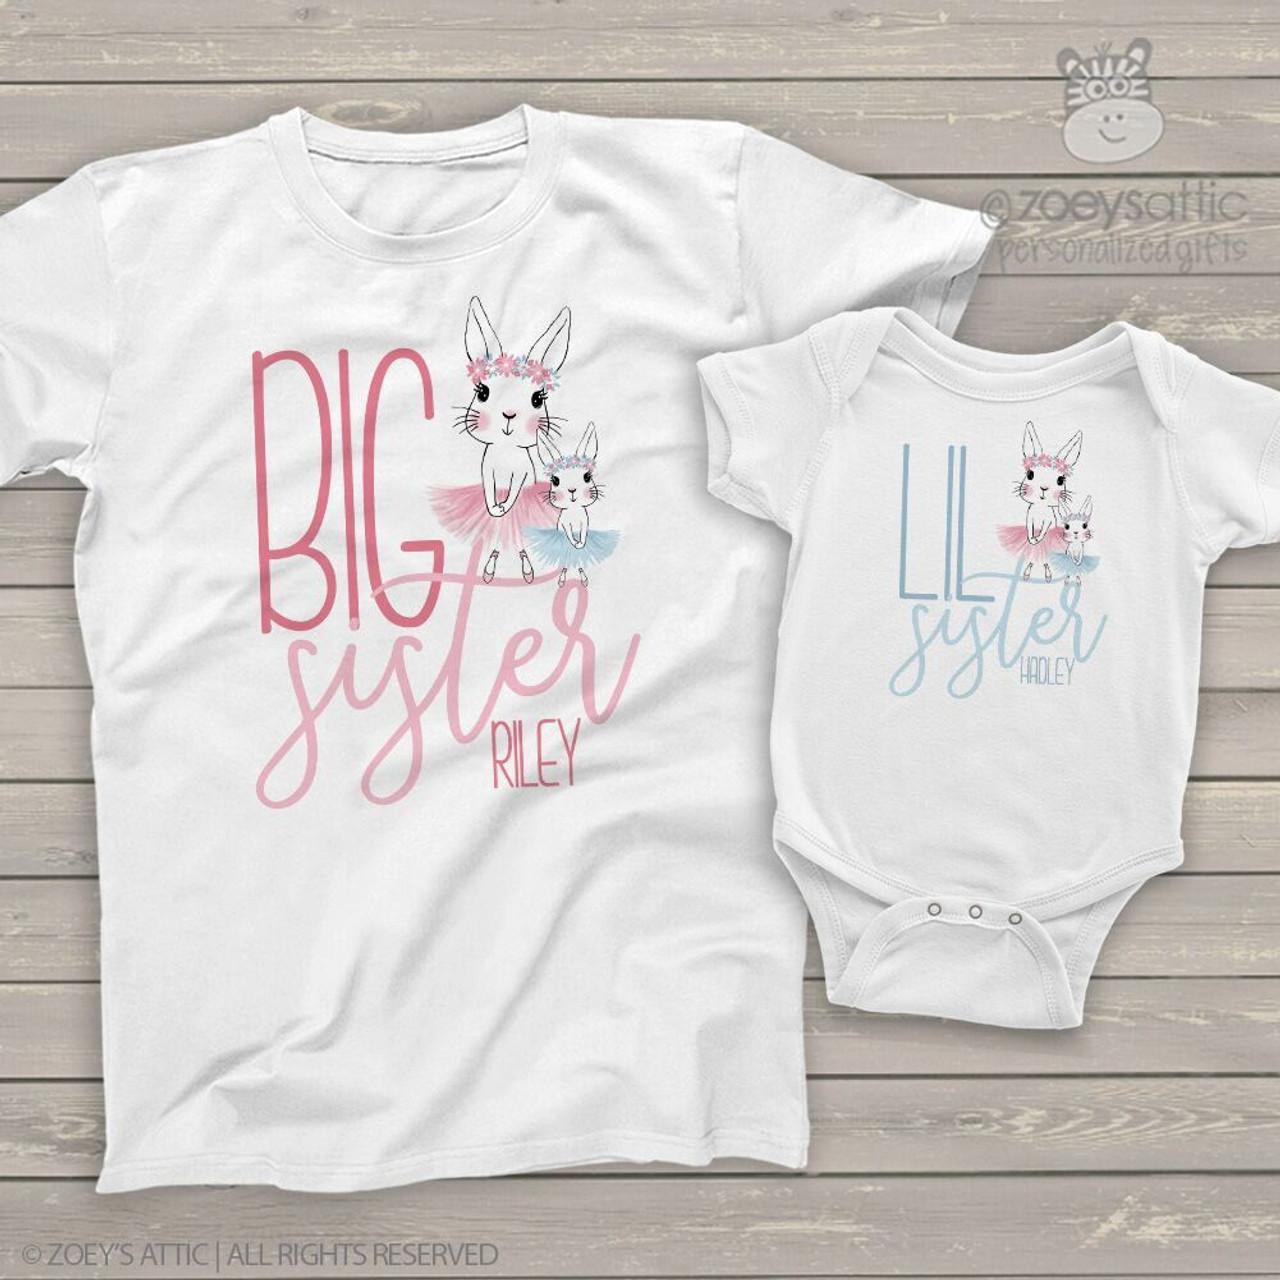 Easter Graphic Tee Little Girl Easter Shirt Kids Easter Shirt Easter Bunny Shirts Snuggle Bunny\u00a9 BALLERINA PINK SHIRT